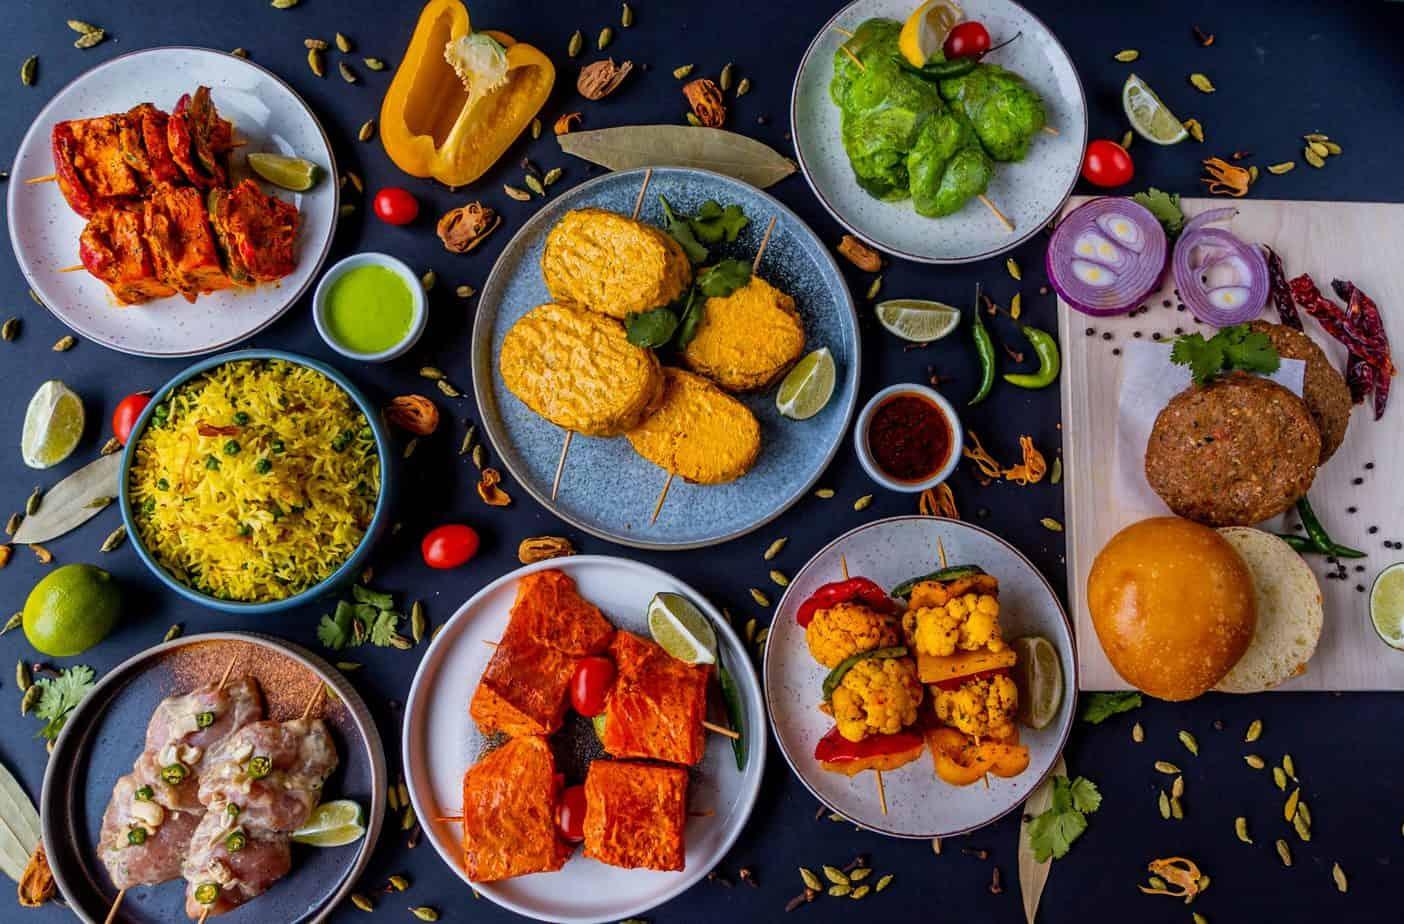 Boîte-Repas BBQ à l'indienne incluant des burgers Kebab, des brochettes de poulet Hariyali et de poulet Malai, des brochettes et de saumon Tikka et de Légumes Tandoori ainsi que des plats d'accompagnement et des condiments